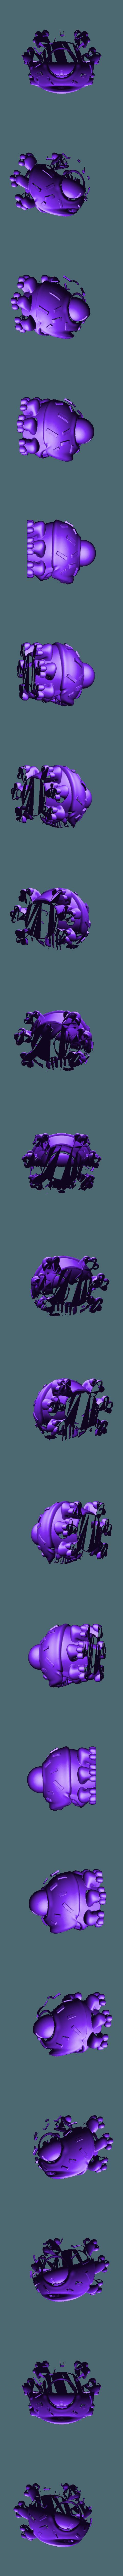 dread_muffin.stl Download free STL file Dread Bread • 3D print template, HeribertoValle